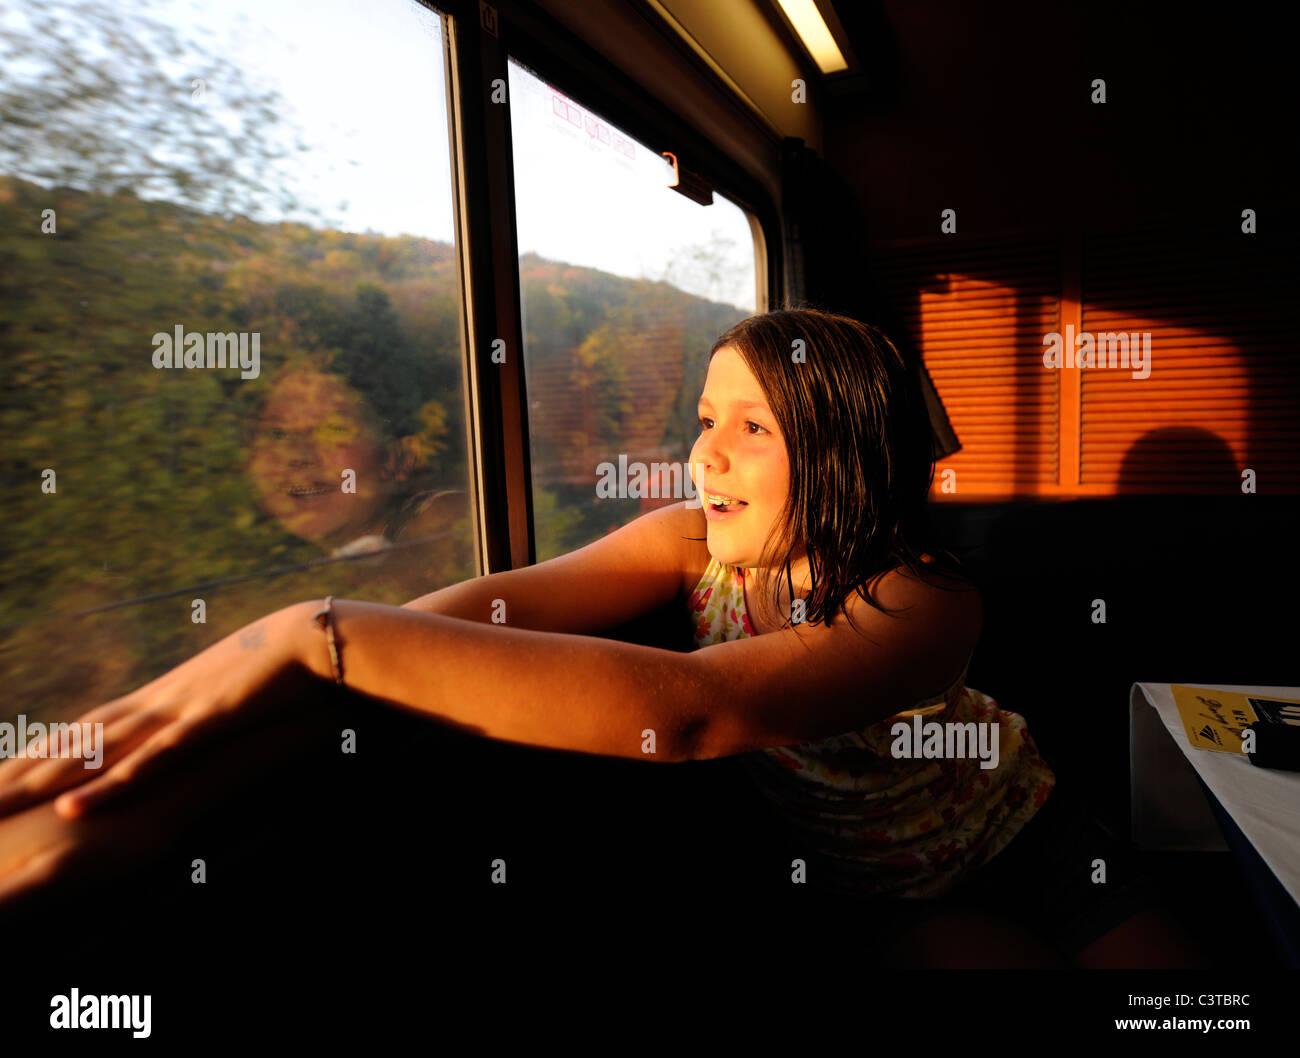 2010. 10 ans, fille, en voiture-restaurant sur Amtrak de Capitol Limited de Chicago à Washington, DC. Photo Stock